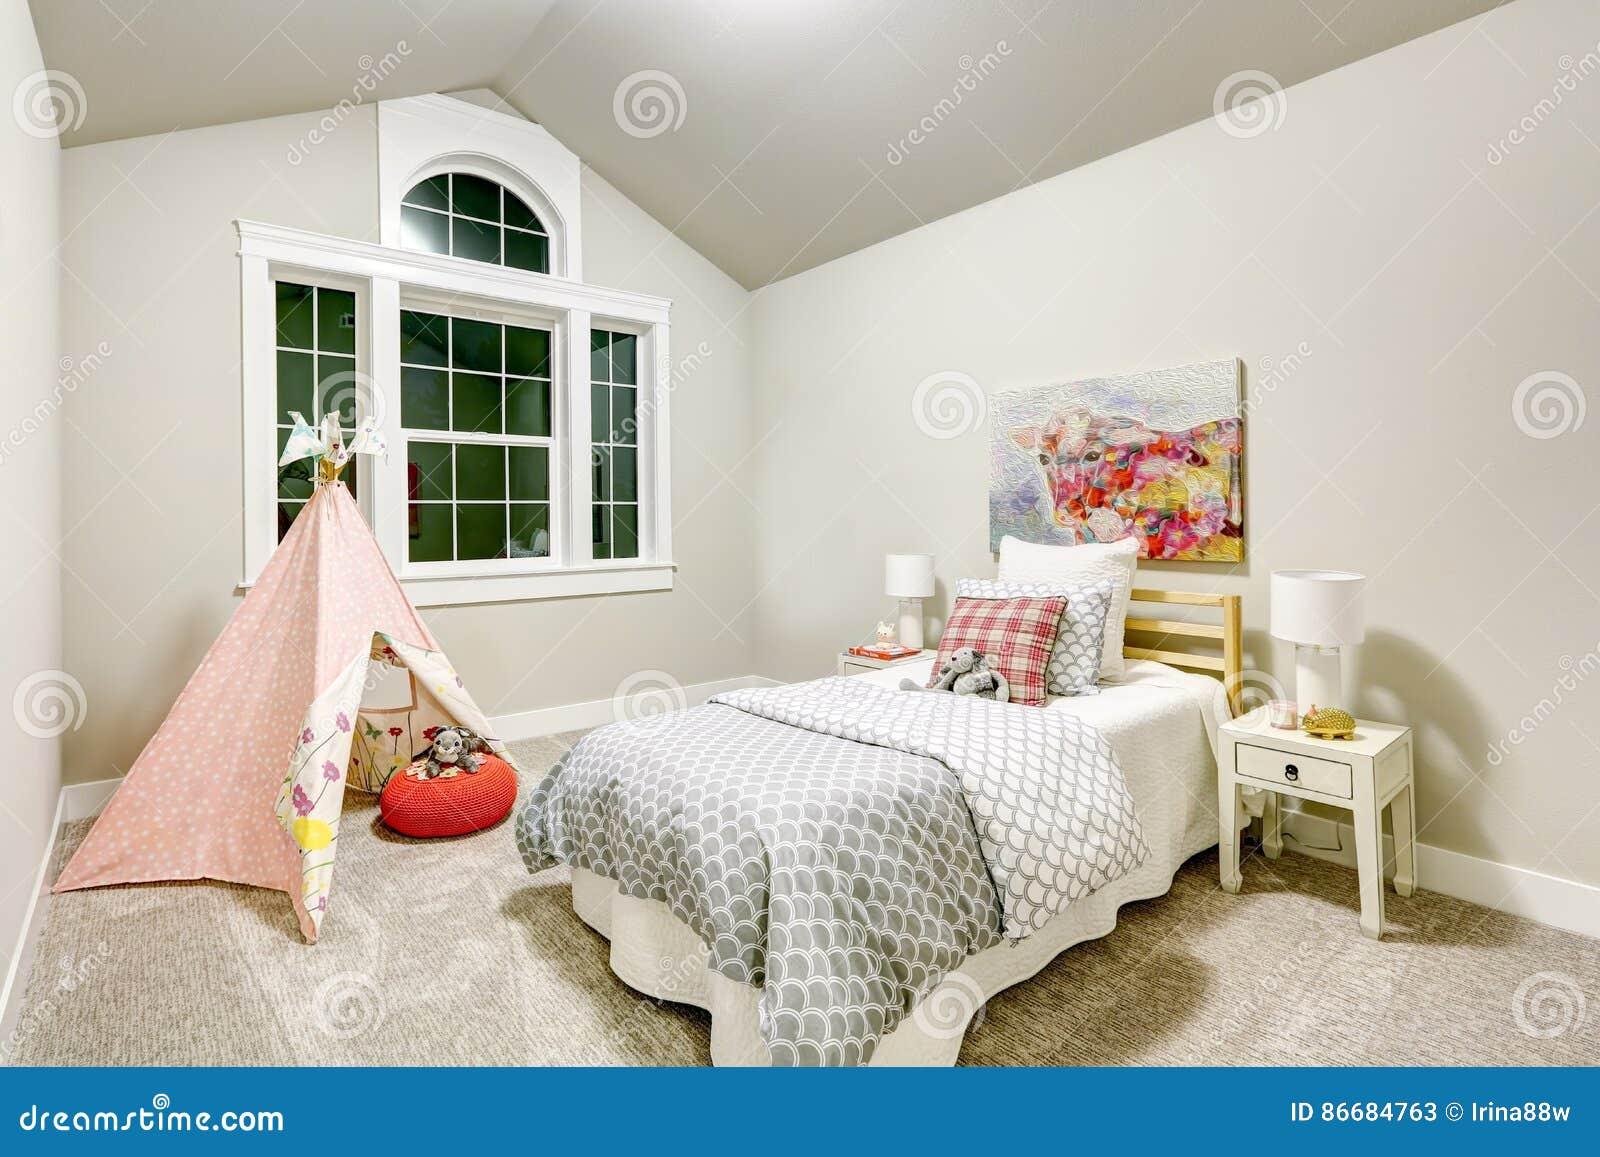 Camera Da Letto Grigio Chiaro : La camera da letto grigio chiaro del ` s della ragazza